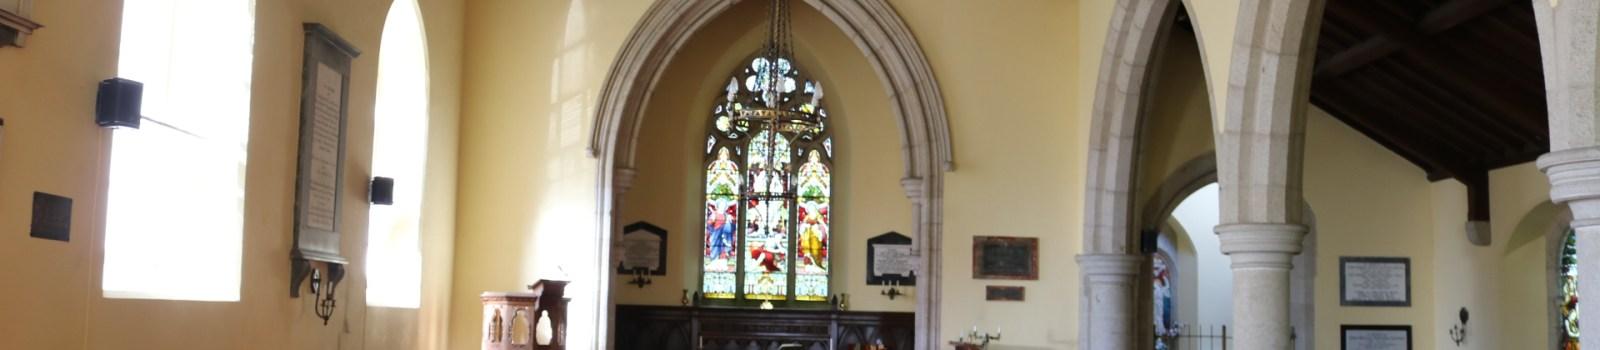 Kiltennell Church, Courtown